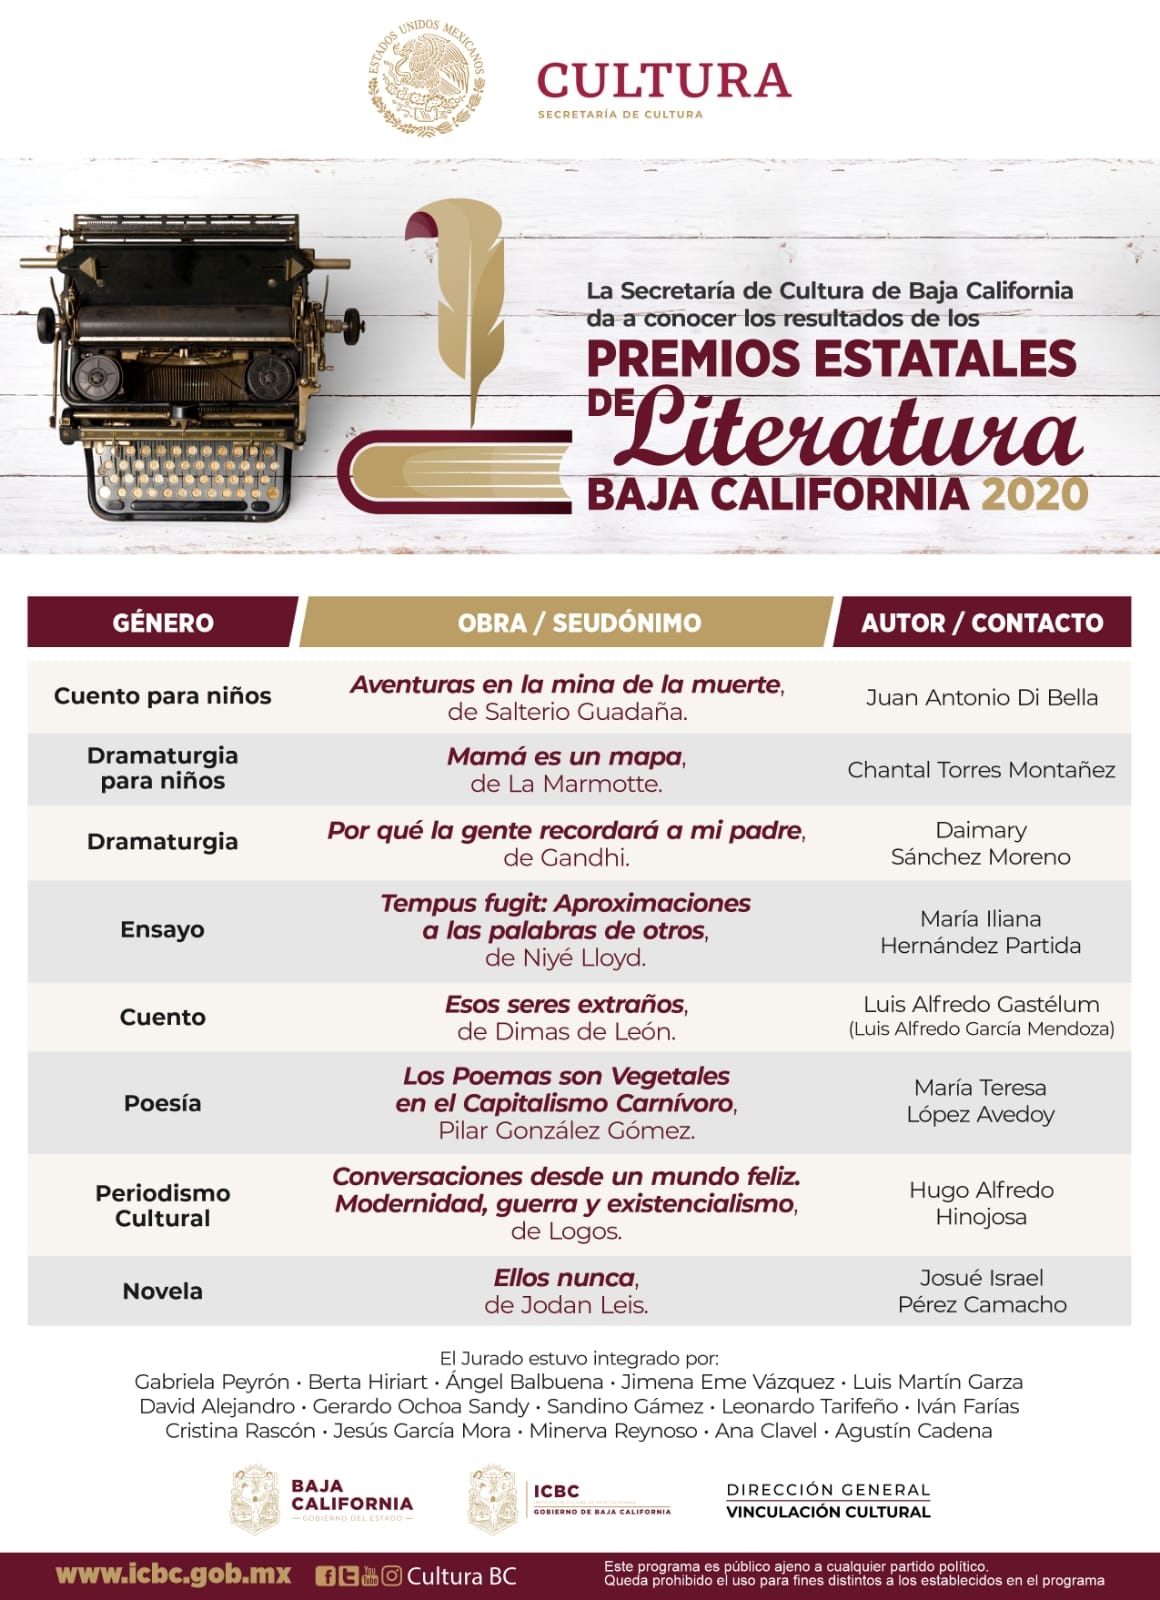 Anuncia ganadores de  Premio Estatales de Literatura 2020